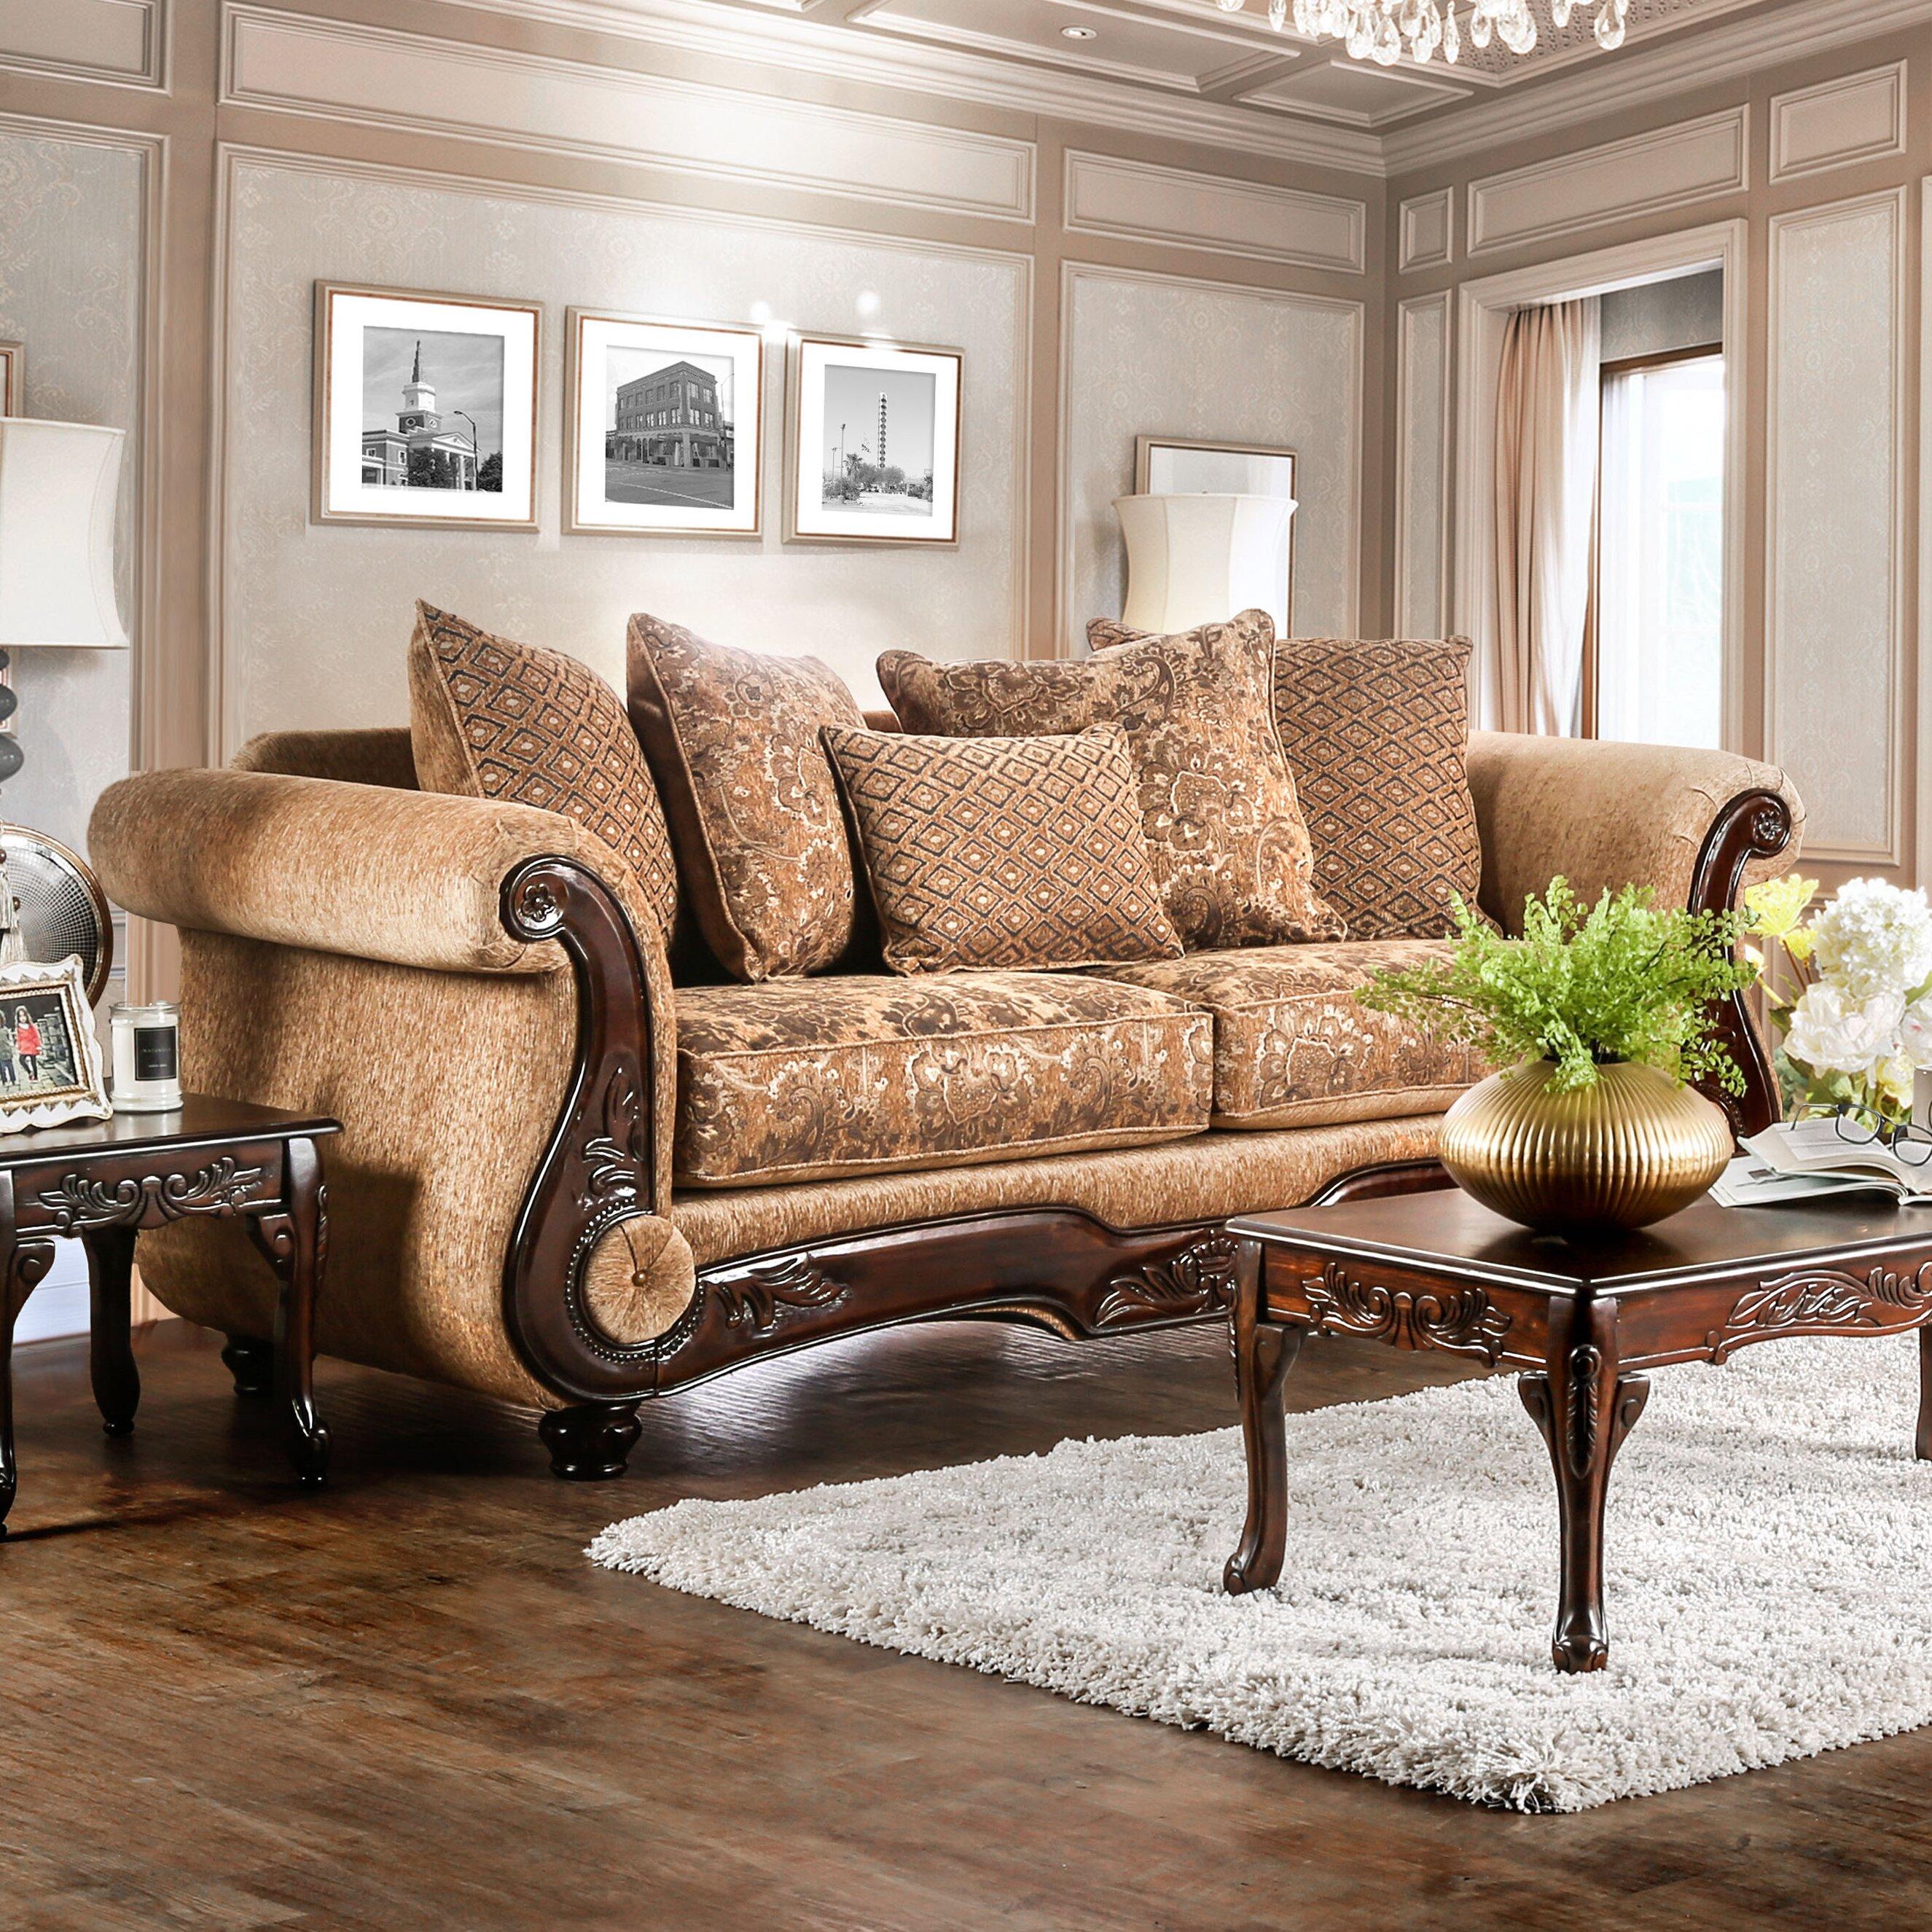 Traditional Sofas Living Room Furniture Astoria Grand Dolph Traditional Sofa Reviews Wayfair